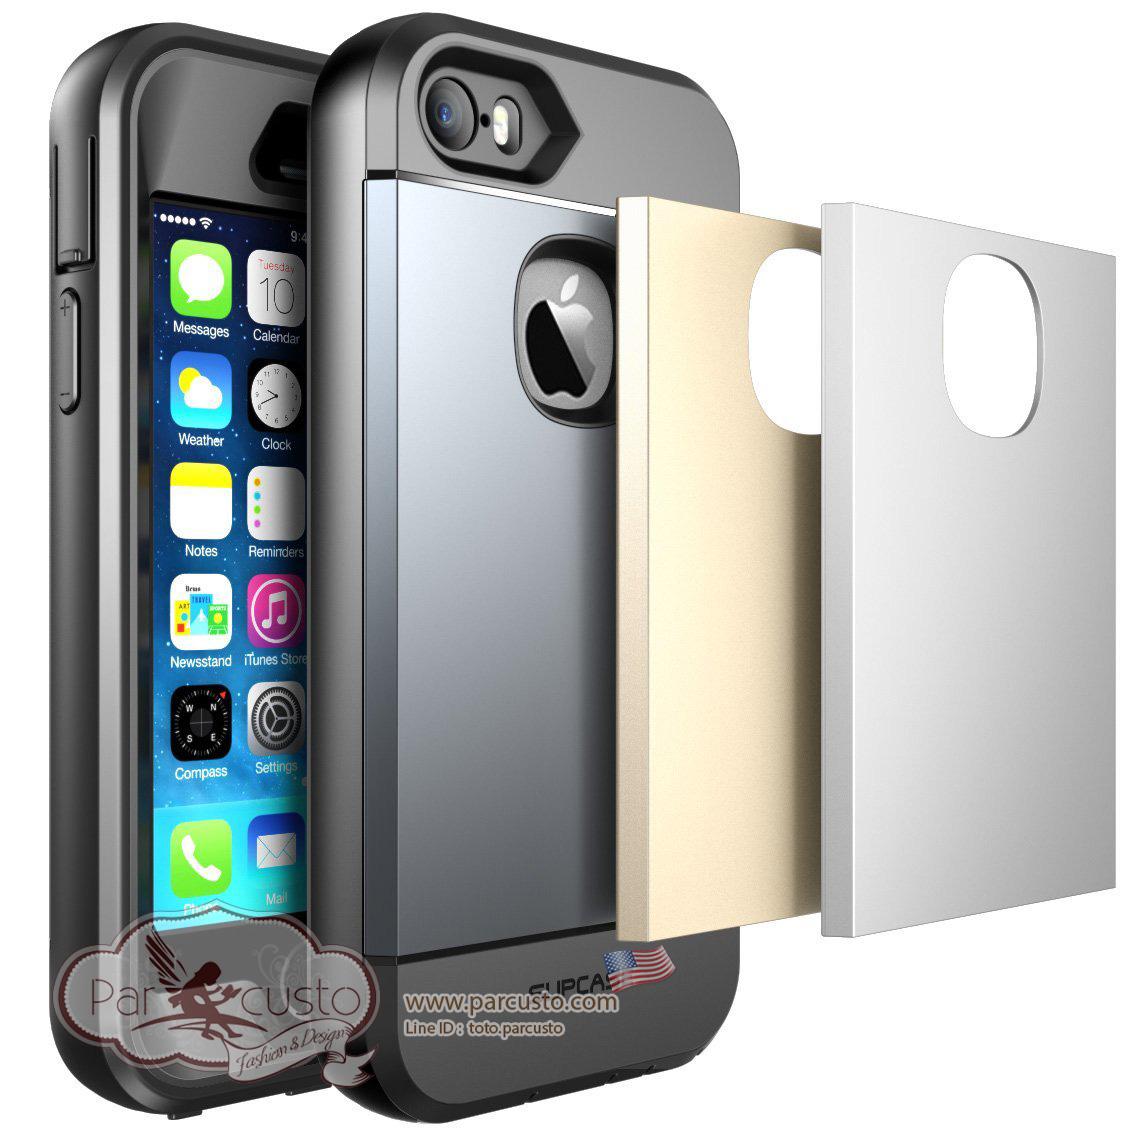 เคสกันน้ำสาดกันกระแทก Apple iPhone SE [Water Resistant] จาก SUPCASE [Pre-order USA]